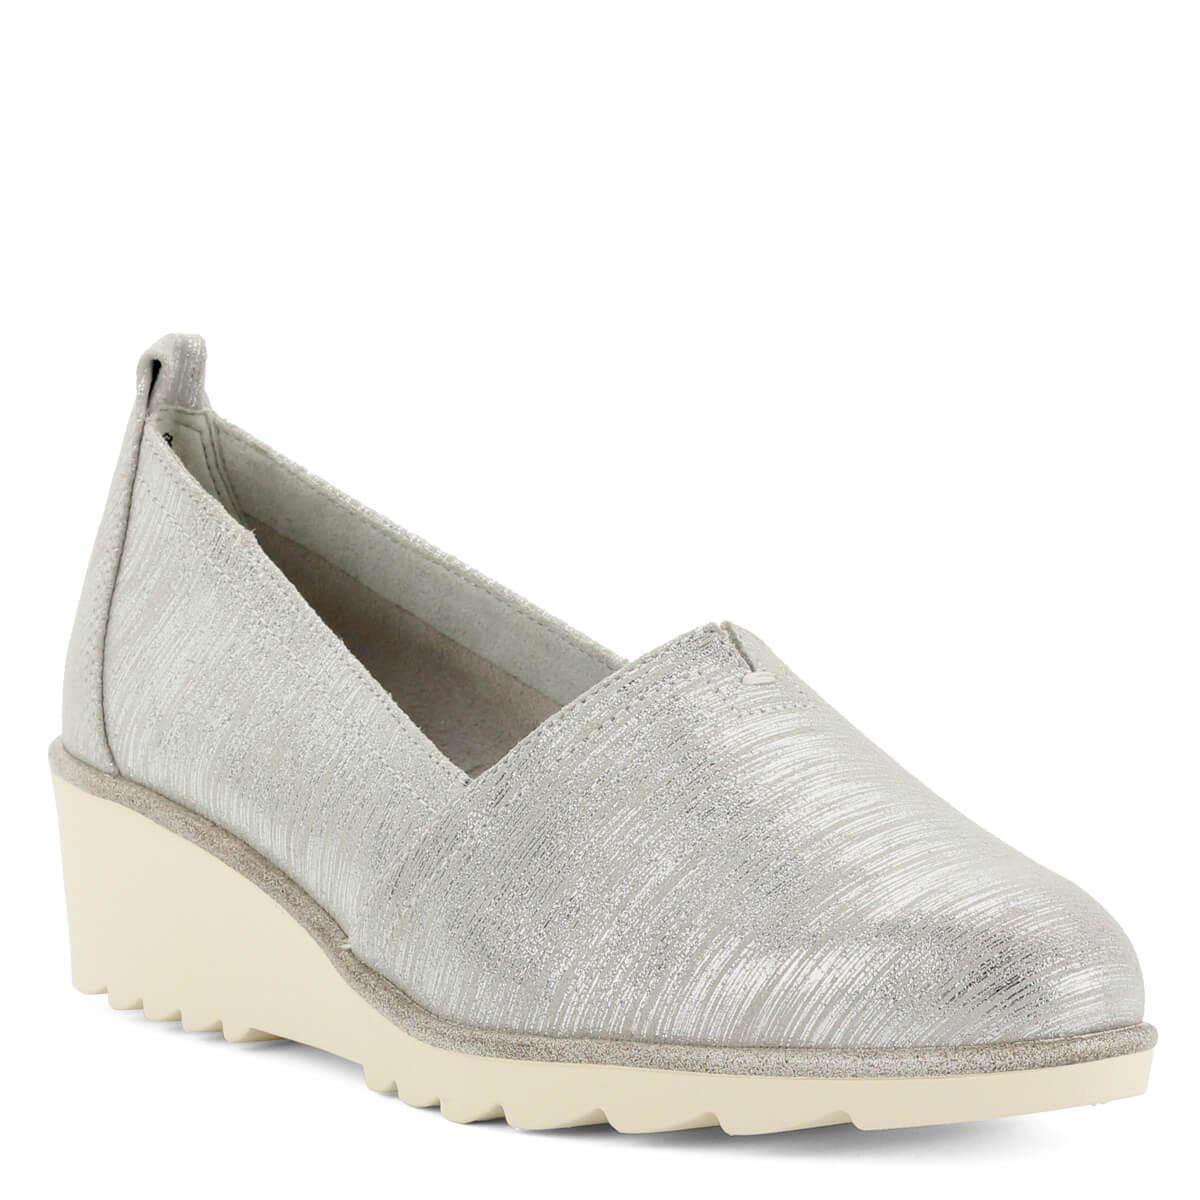 ... Ezüstös csillogású Tamaris cipő kb 4 cm magas sarokkal. Kényelmes  memóriahabos talpbéléssel készült 024b7bd829